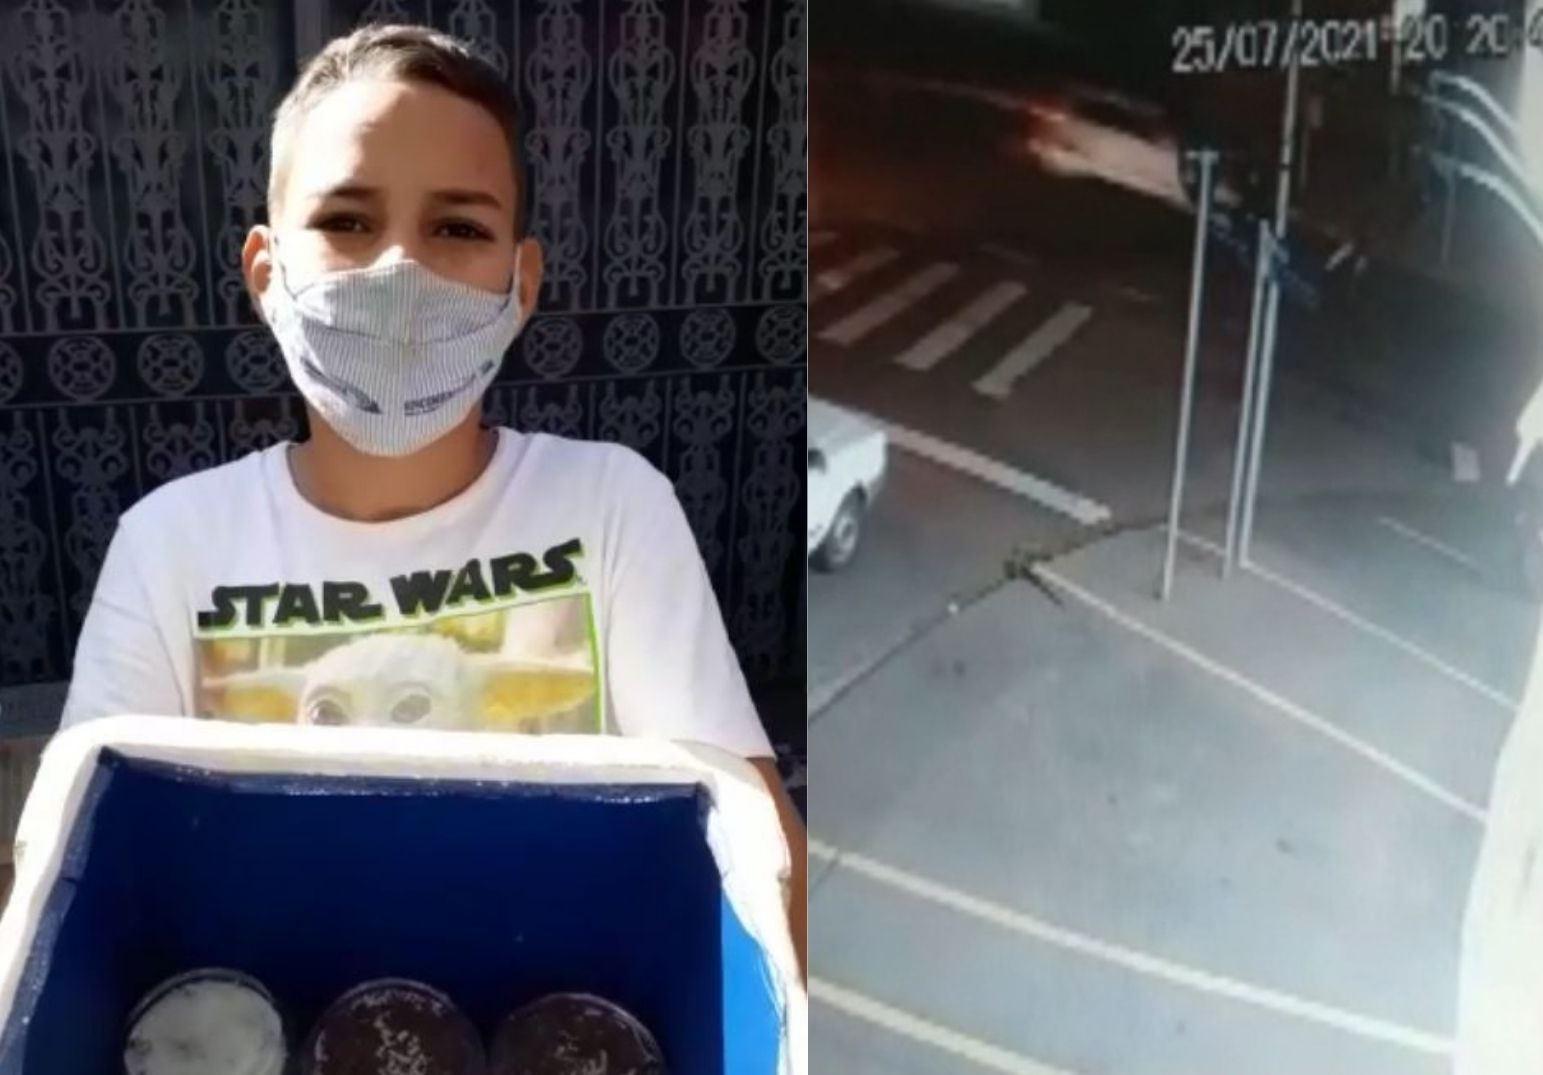 Menino de 11 anos morto por motorista bêbado era conhecido no bairro por vender bolos: 'Muito esforçado'